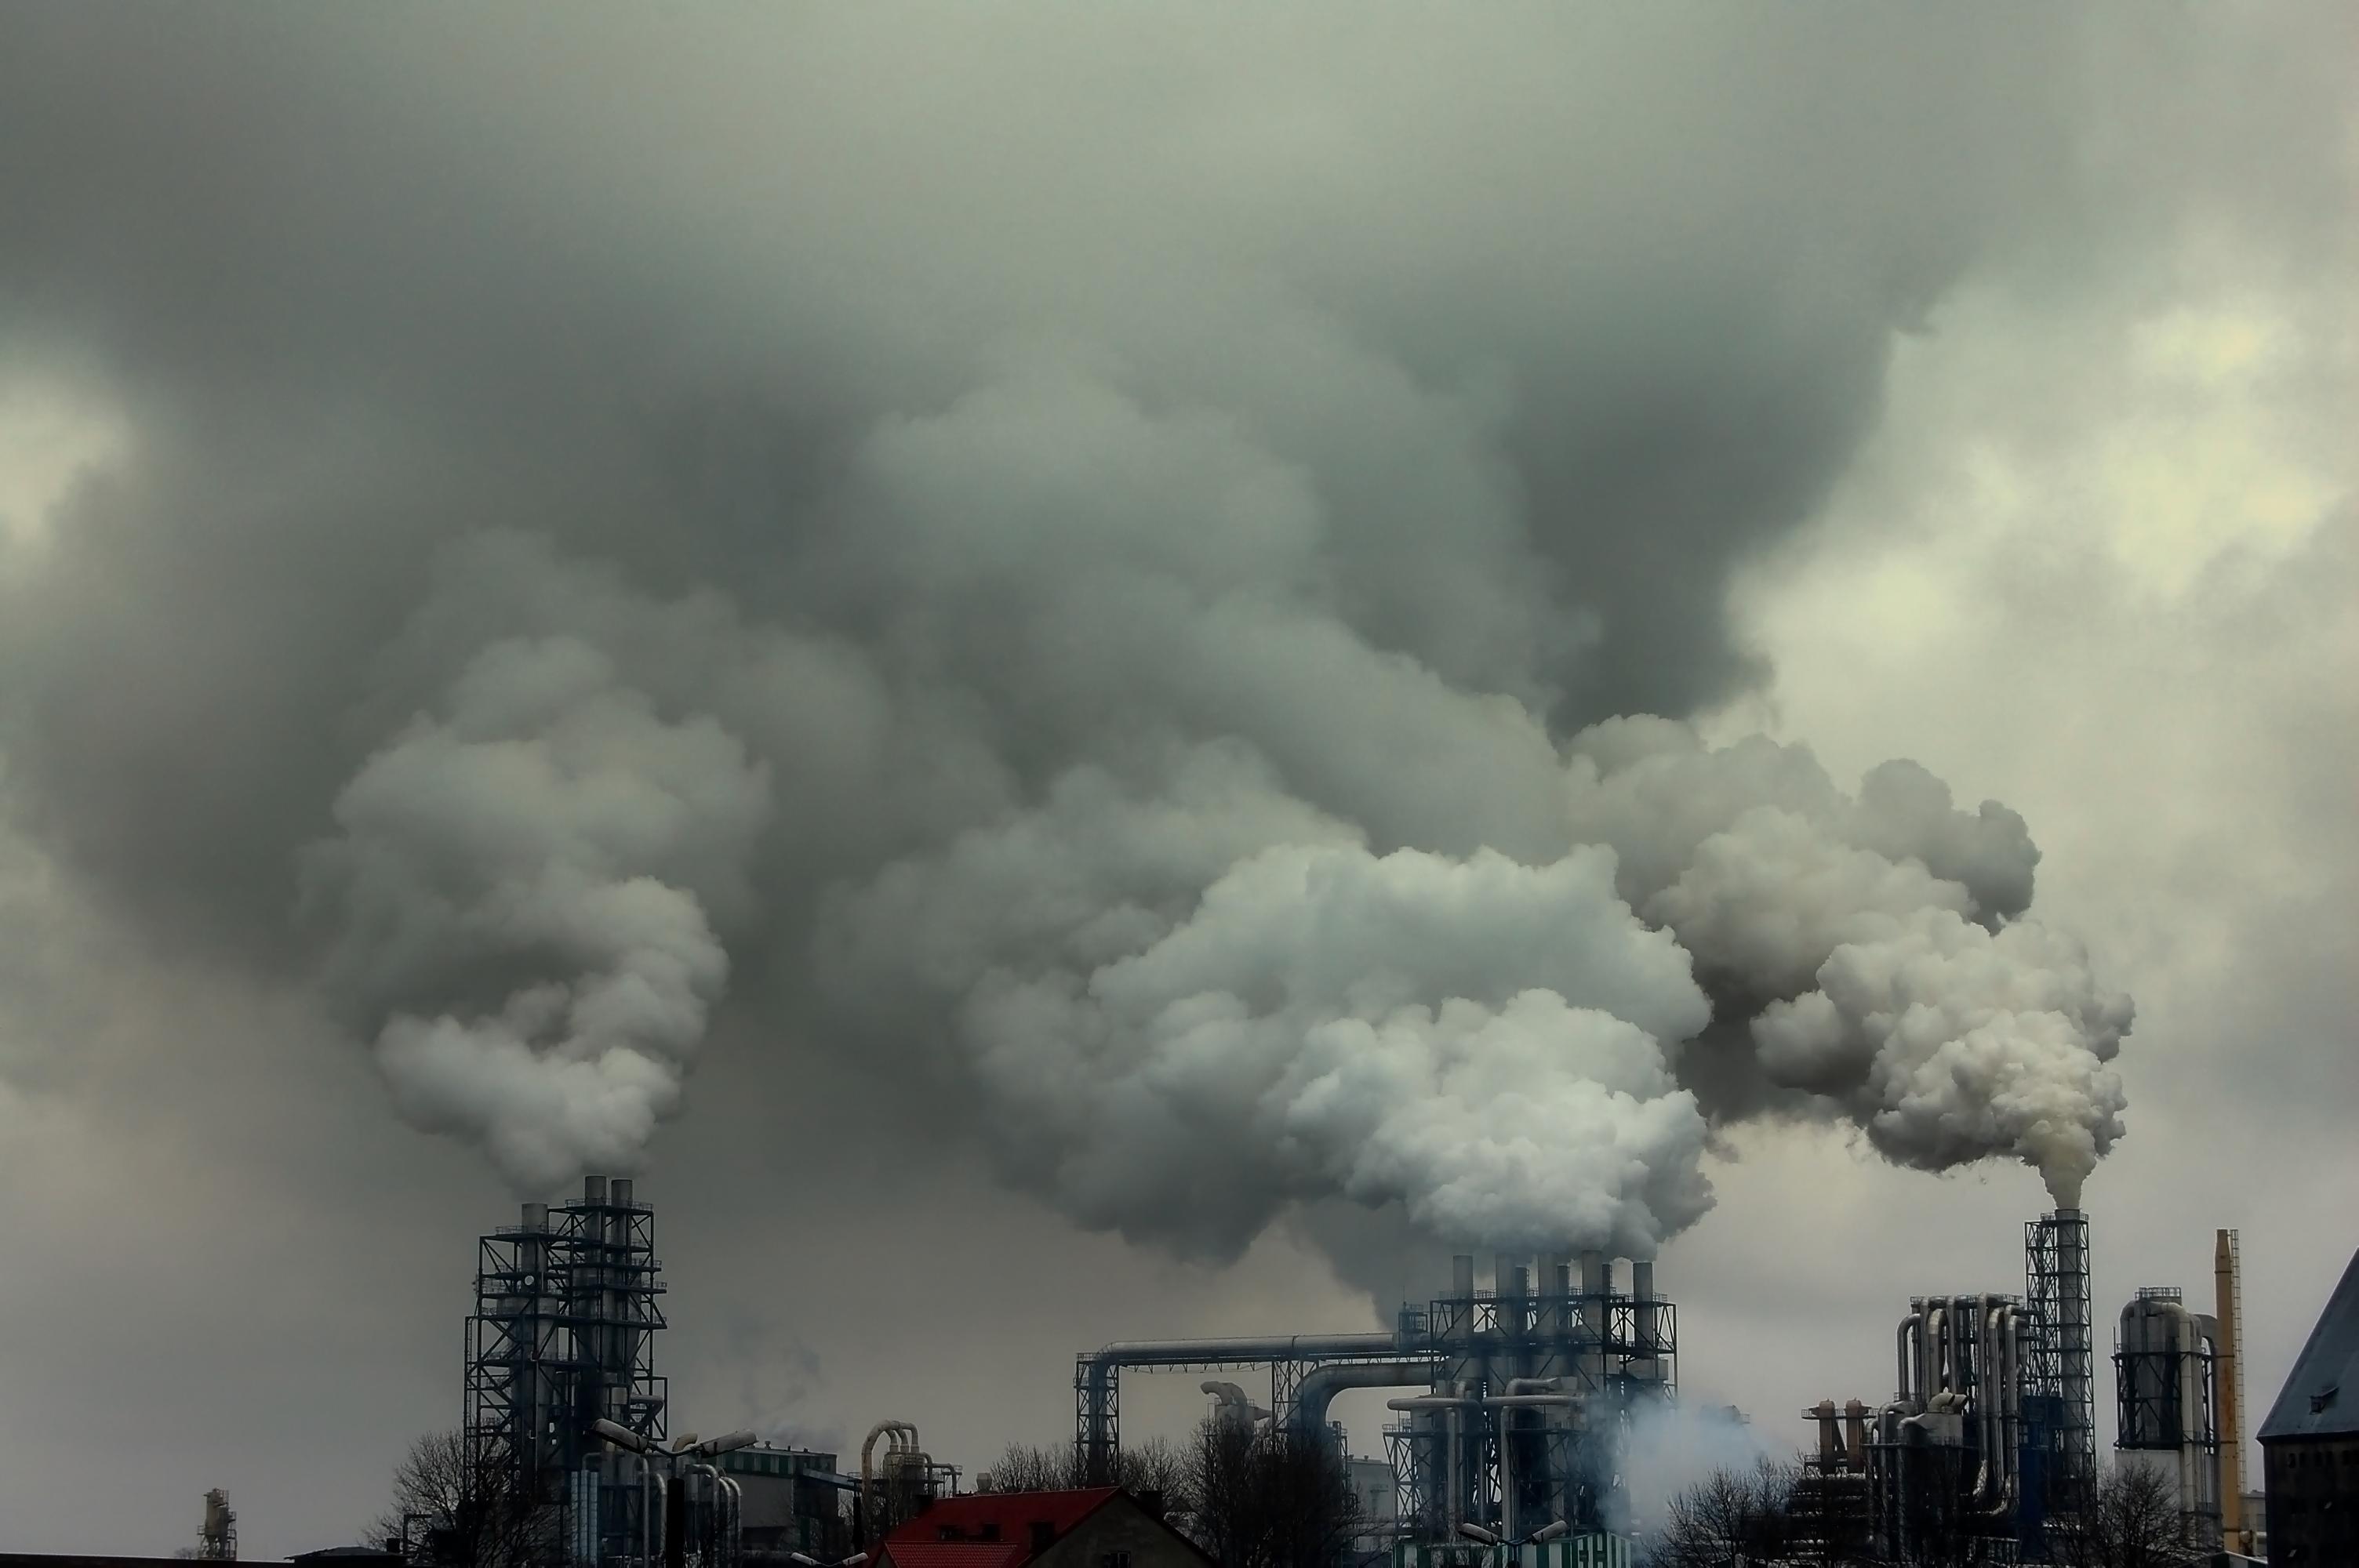 Картинка загрязнение воздуха заводами